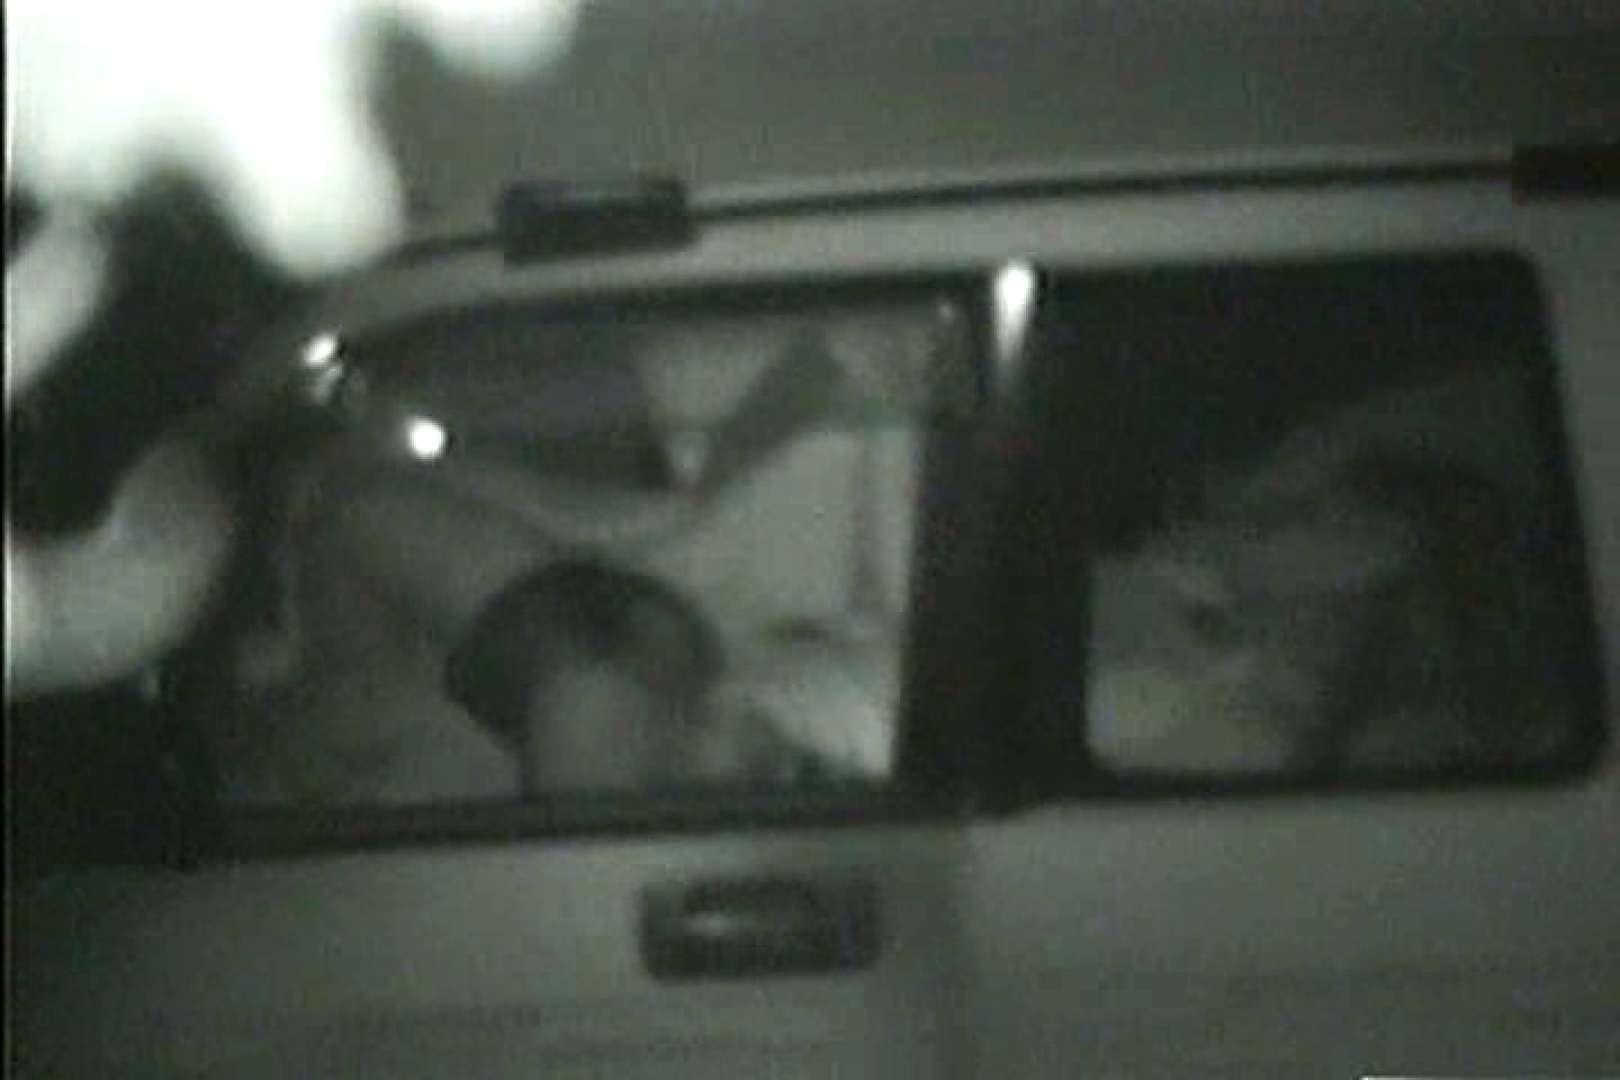 車の中はラブホテル 無修正版  Vol.10 美しいOLの裸体 ワレメ無修正動画無料 87pic 10